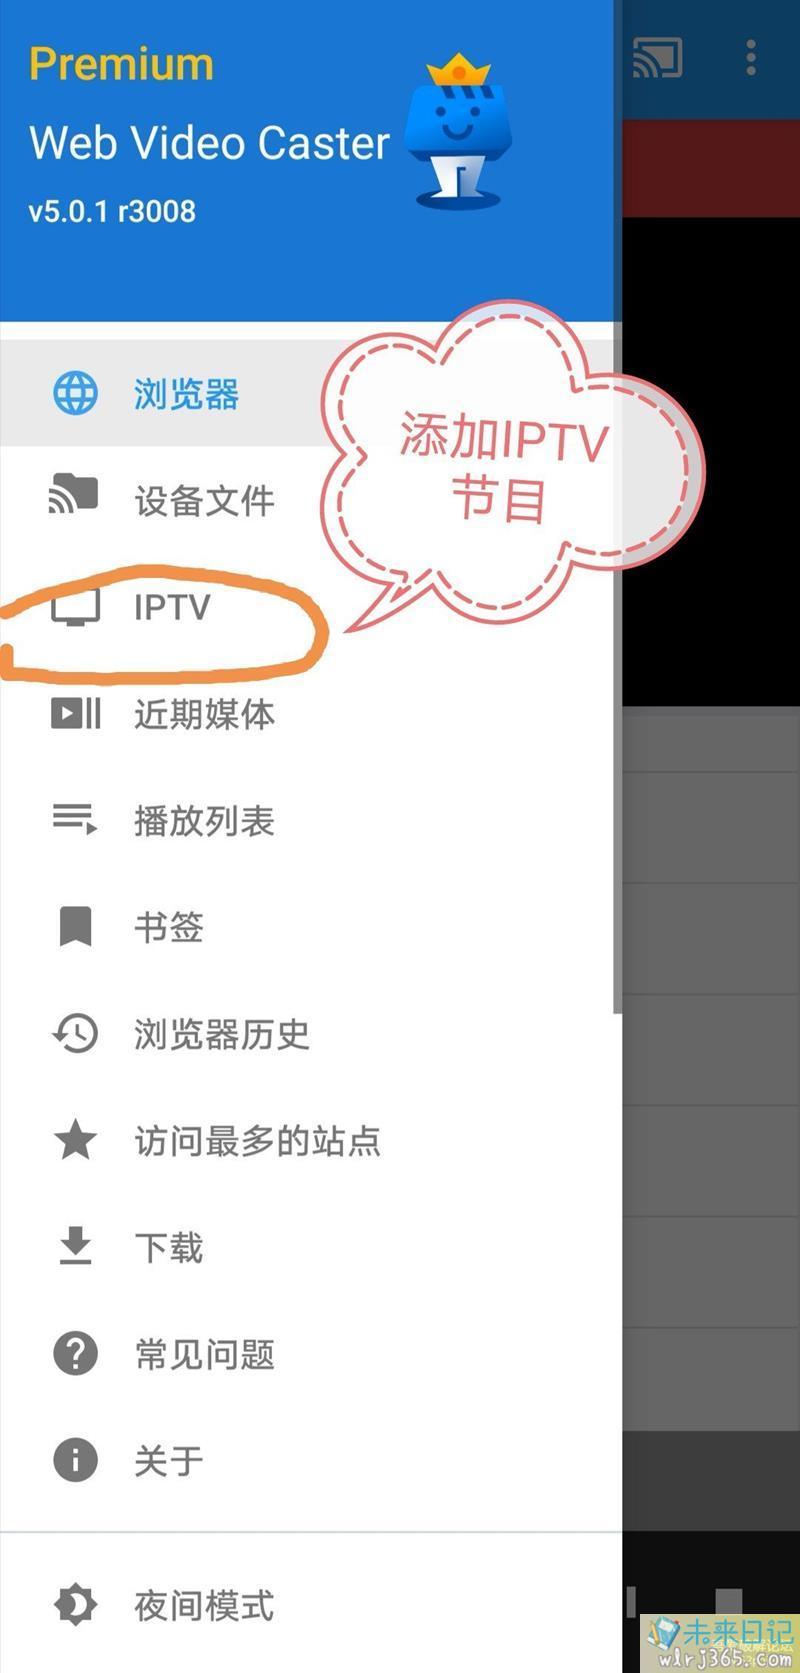 安卓快点投屏v1.5.0.3绿化版,支持投屏各视频网站和百度网盘图片 No.8